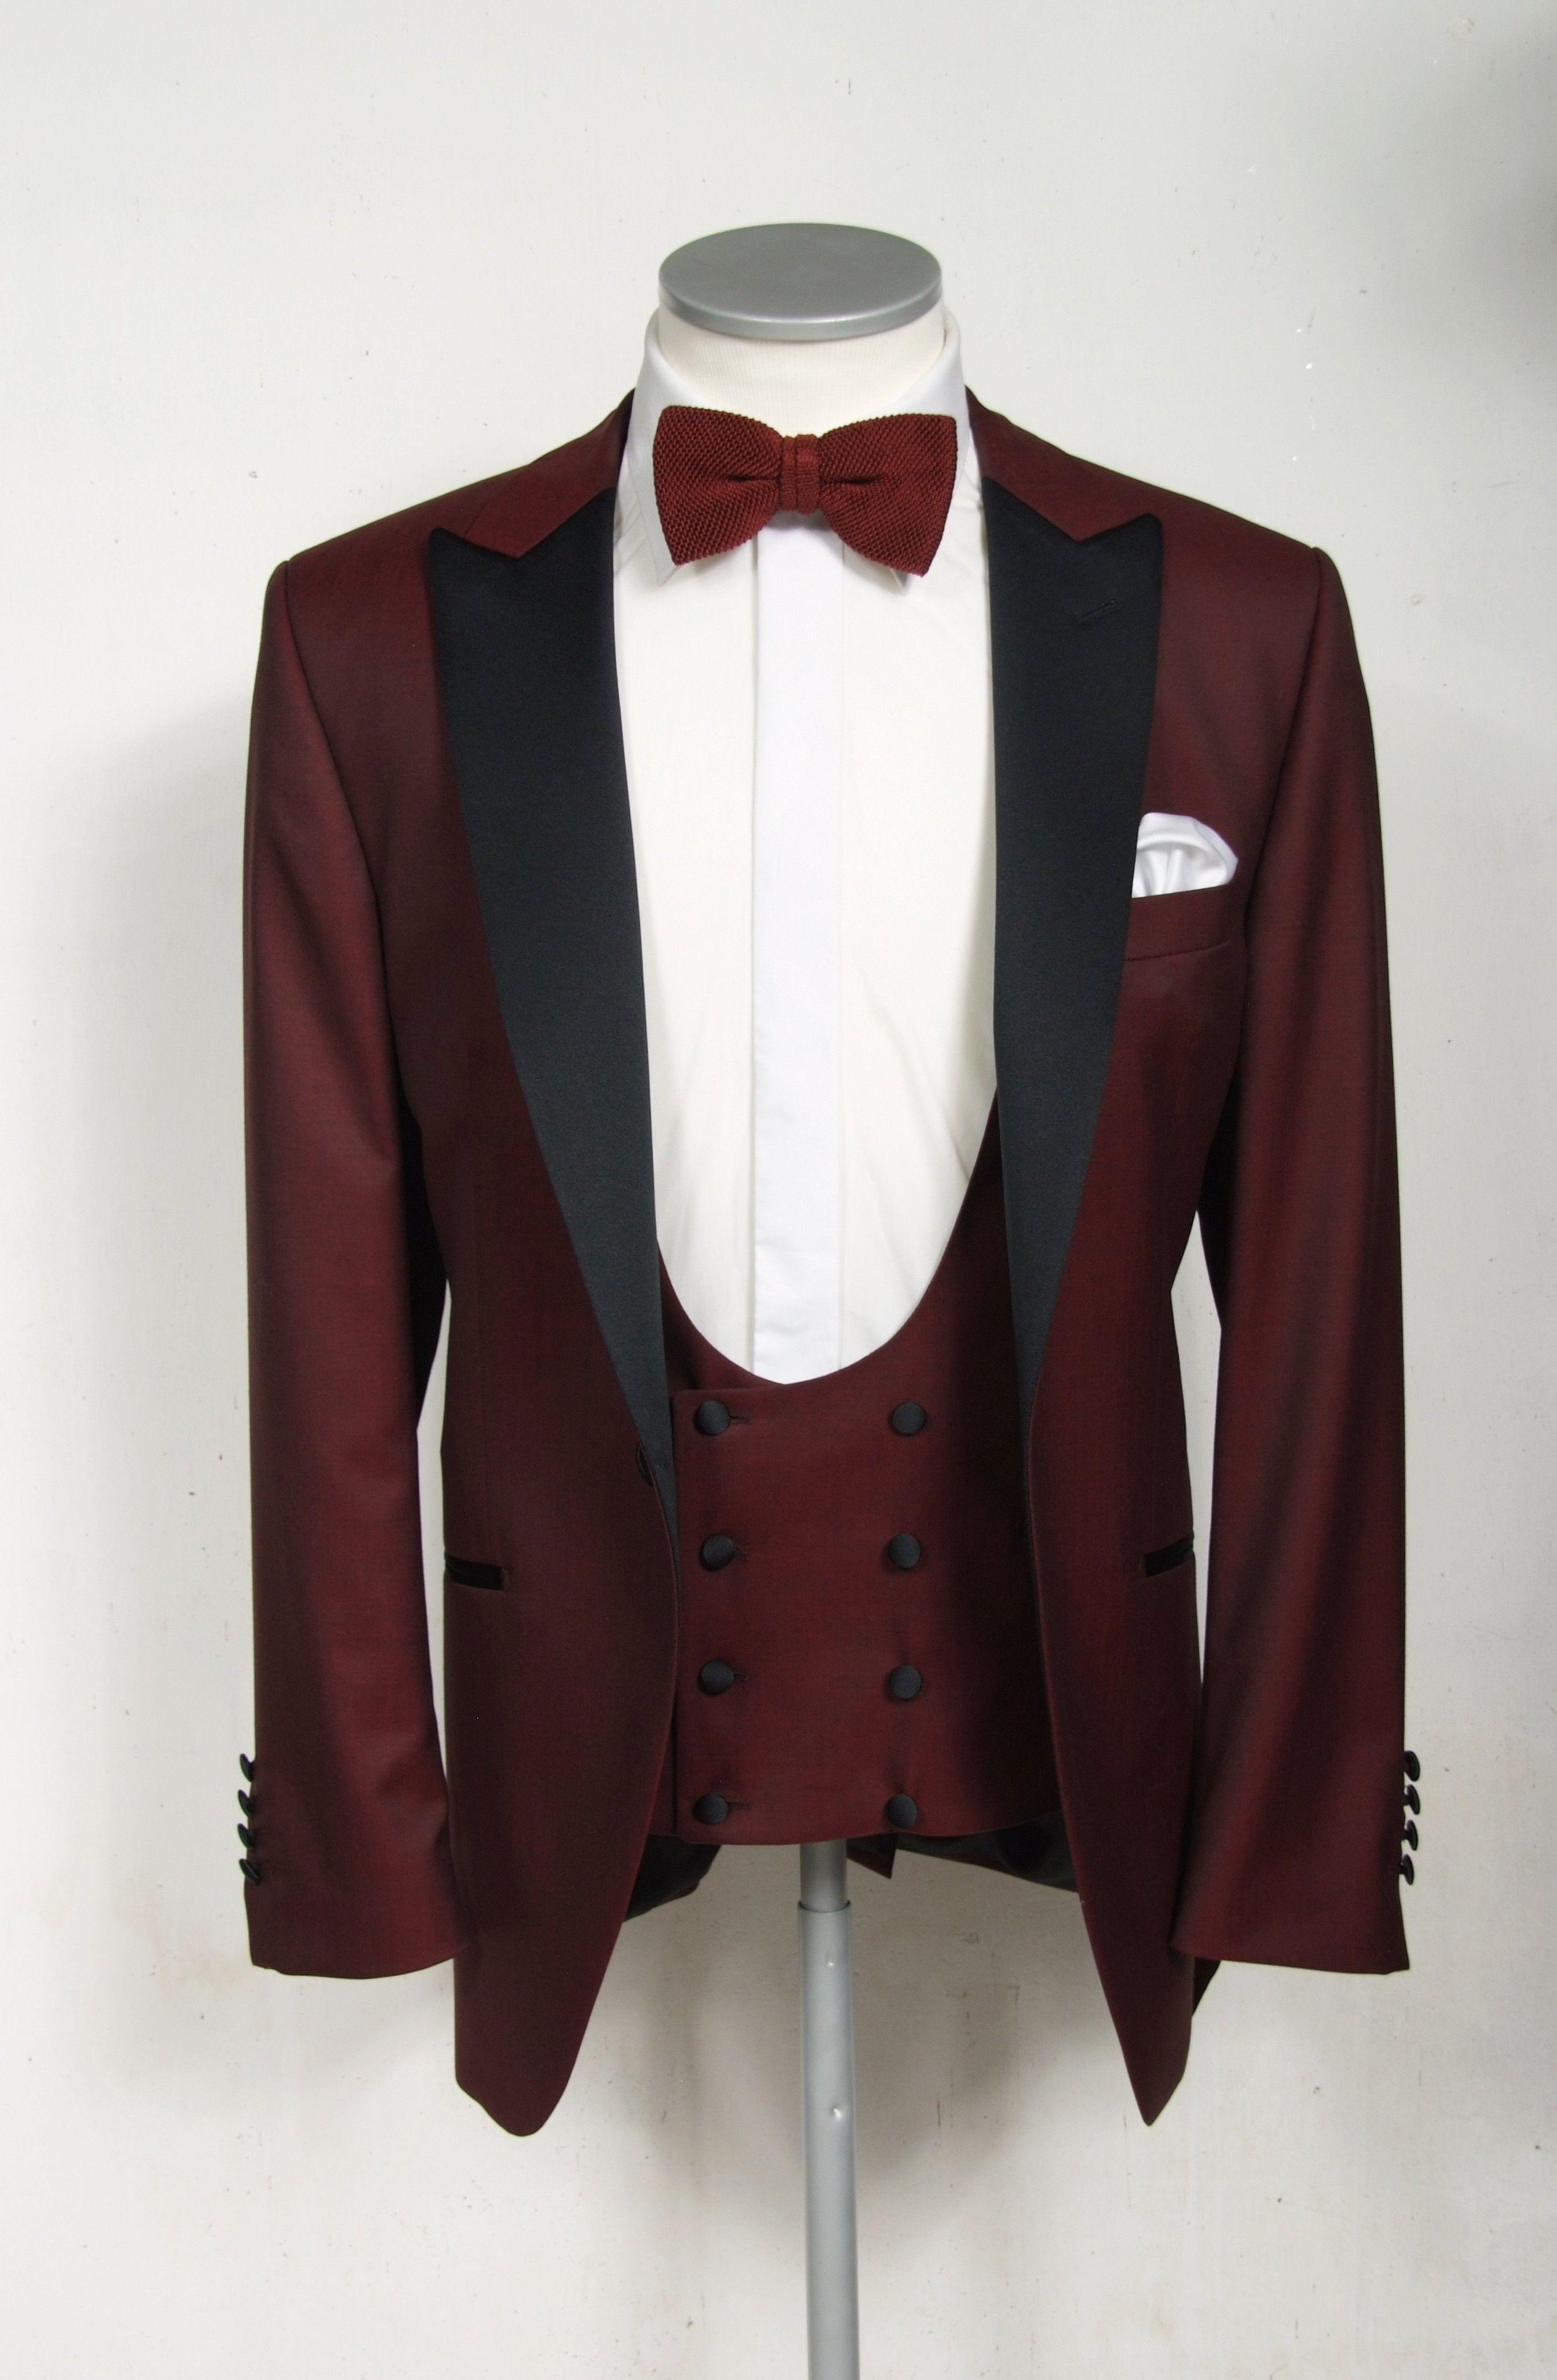 Burgundy dinner suit made to measure Groom tuxedo black